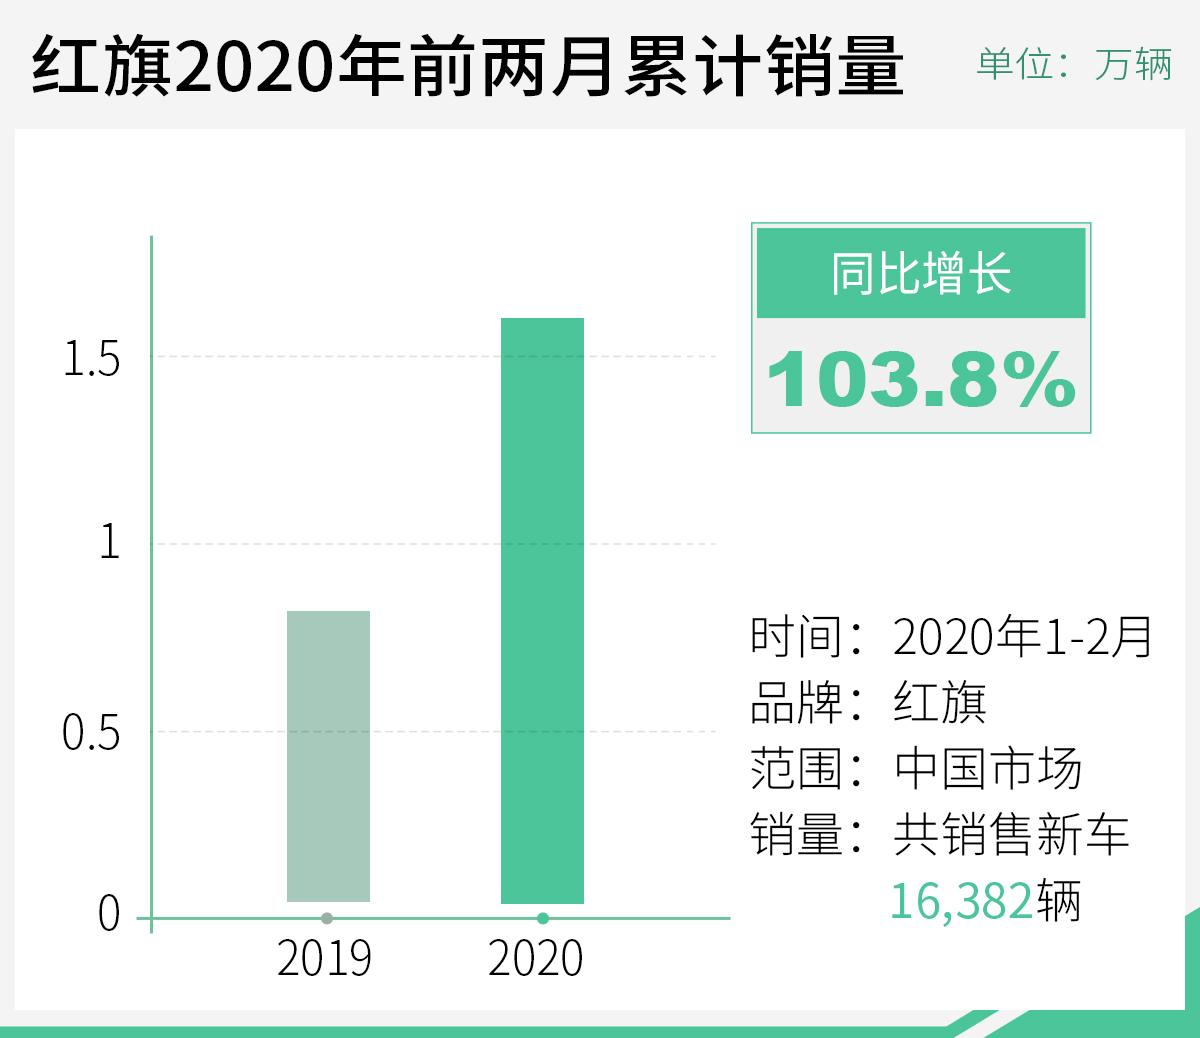 市场占有率达18% 一汽集团1-2月累计销量超40万